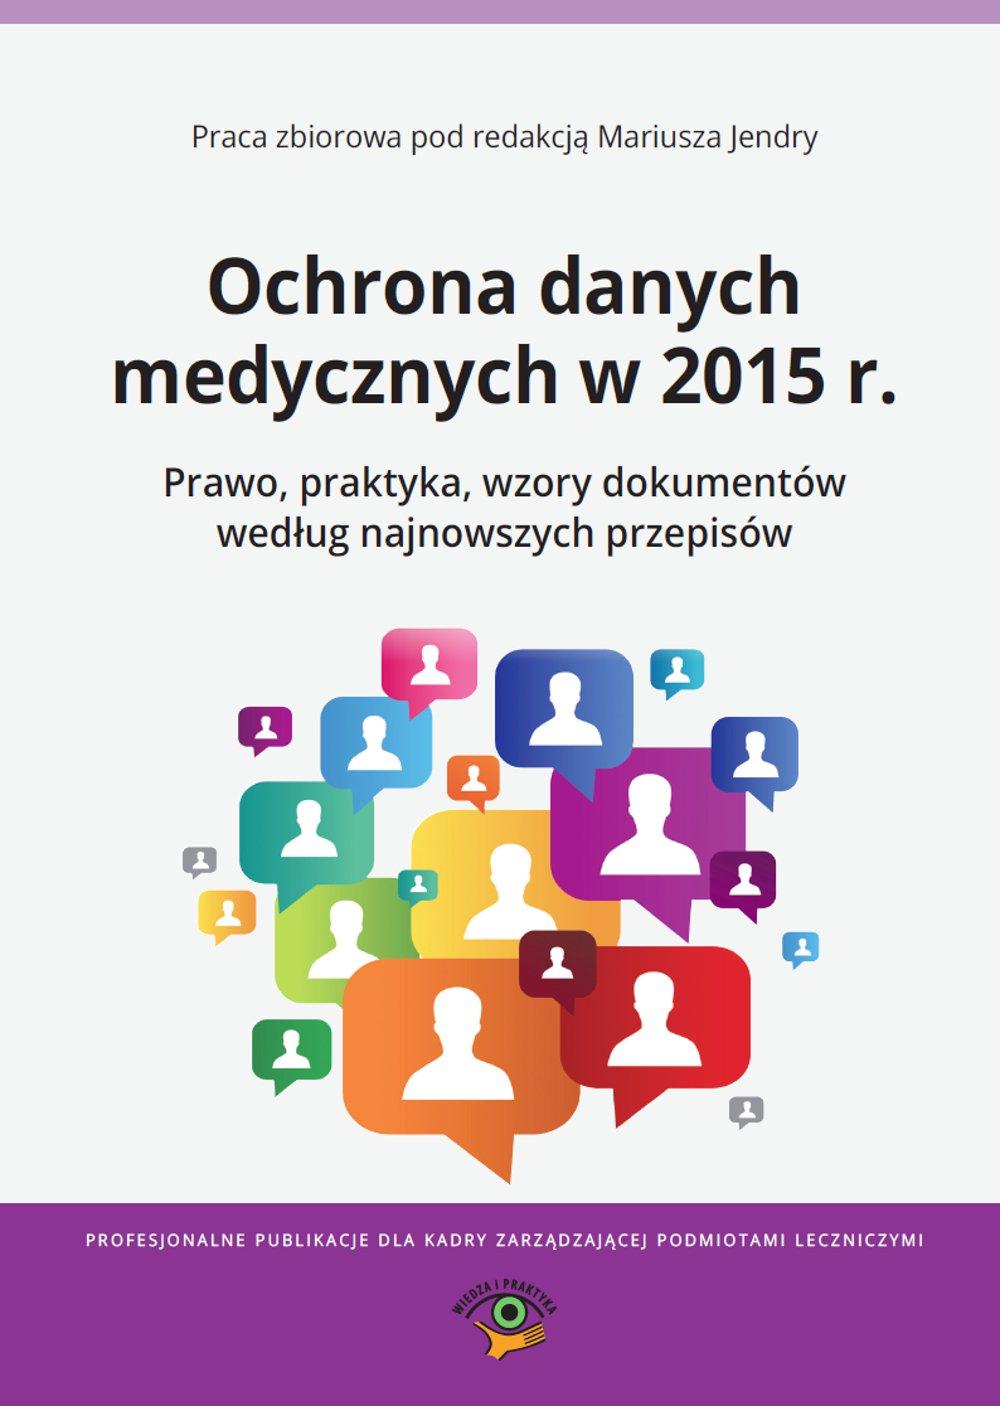 Ochrona danych medycznych w 2015 r. Prawo, praktyka, wzory dokumentów według najnowszych przepisów - Ebook (Książka PDF) do pobrania w formacie PDF